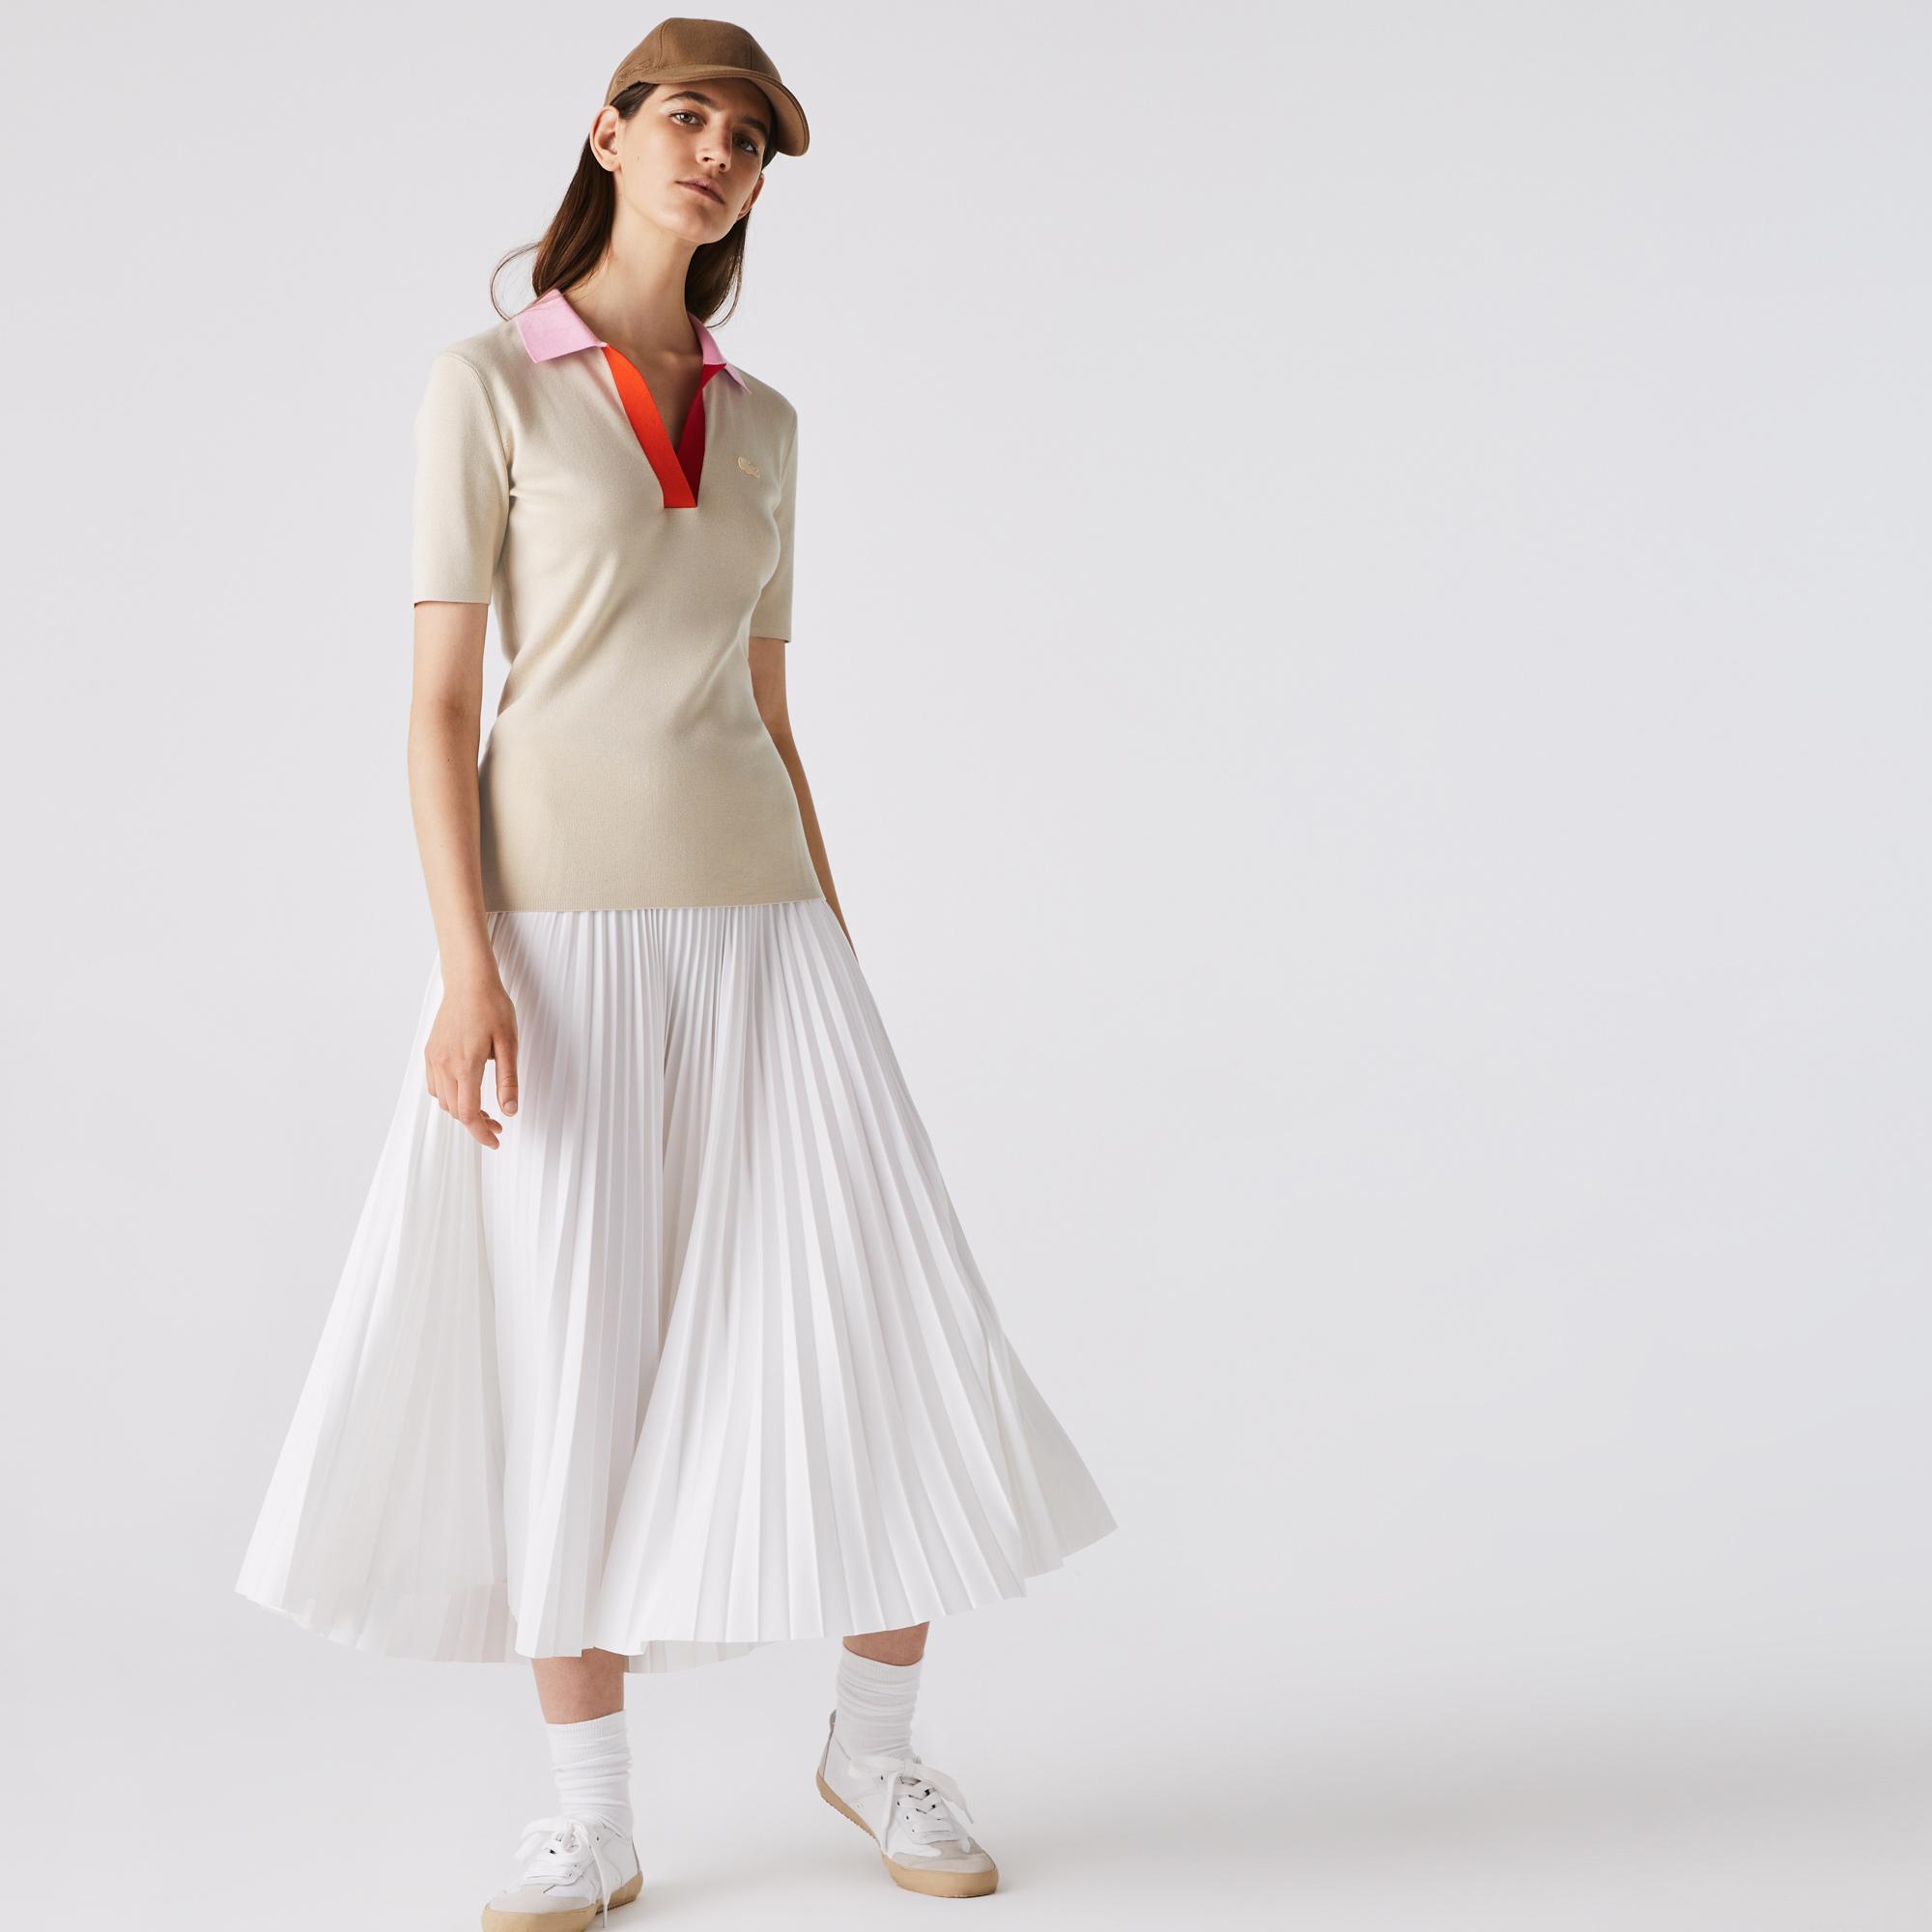 Lacoste Kadın Blok Desenli Polo Yaka Yarım Kollu Slim Fit Bej Triko